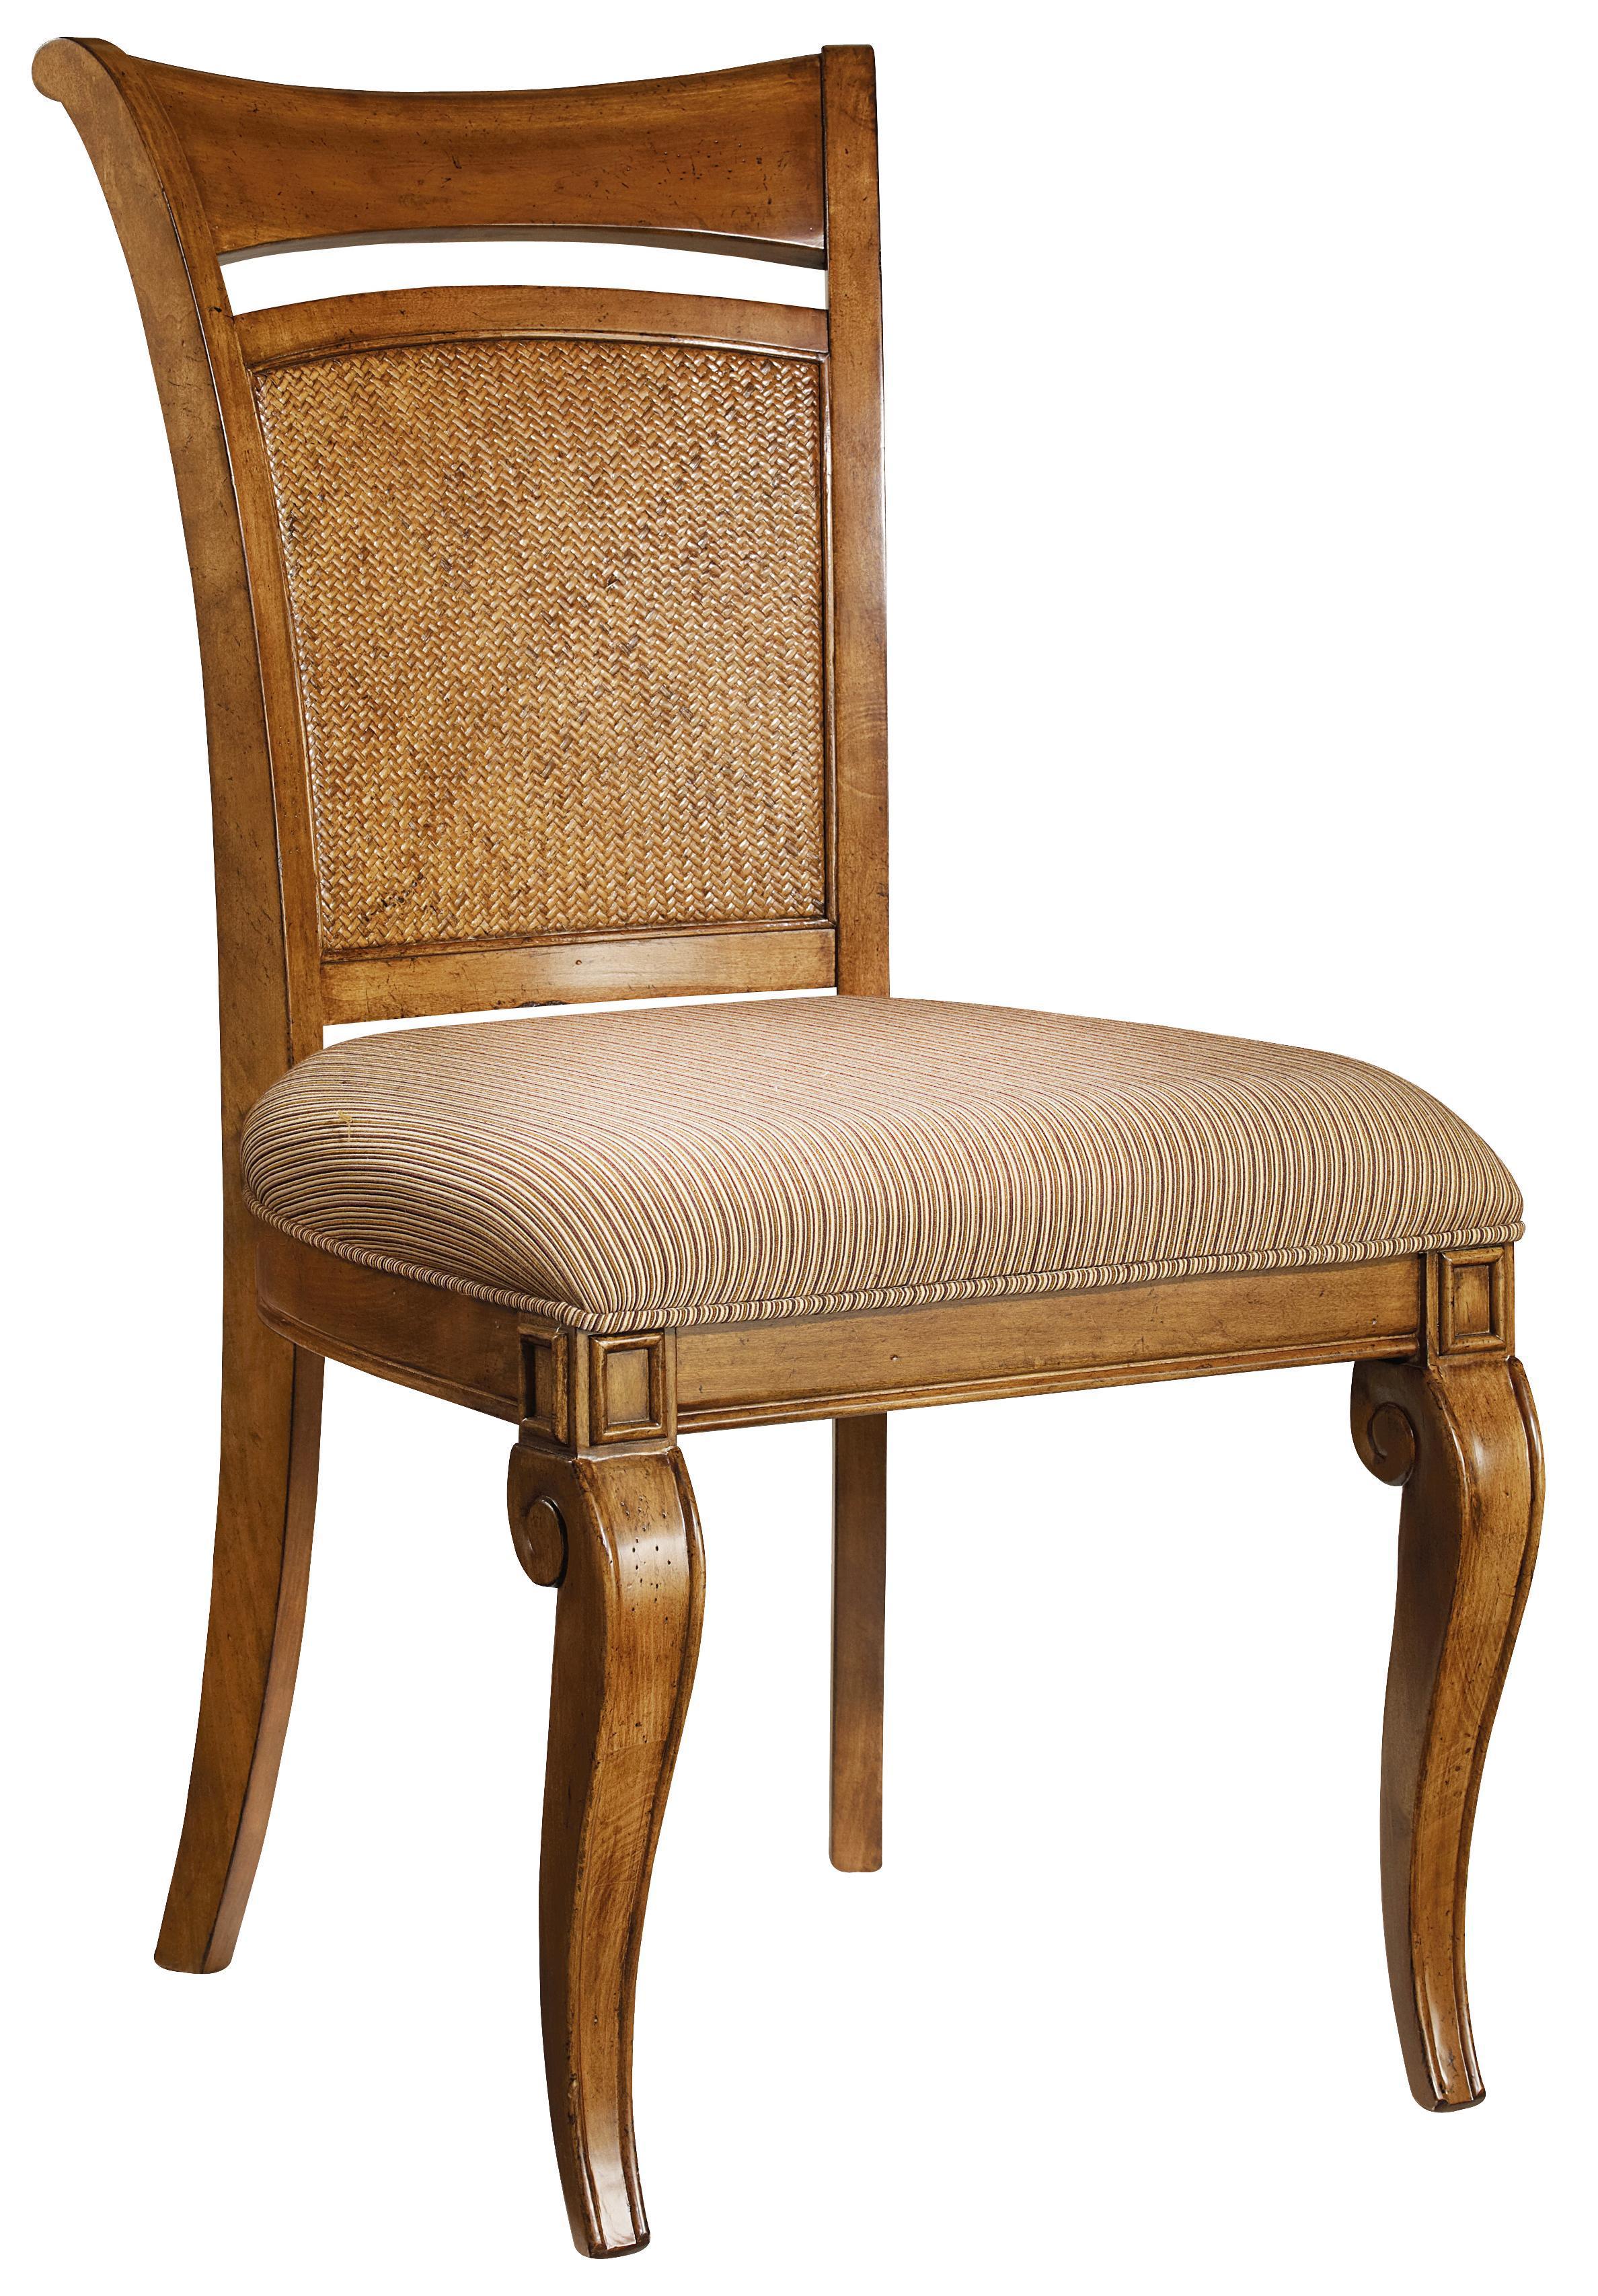 Hooker Furniture Windward Dining Side Chair - Item Number: 1125-76410